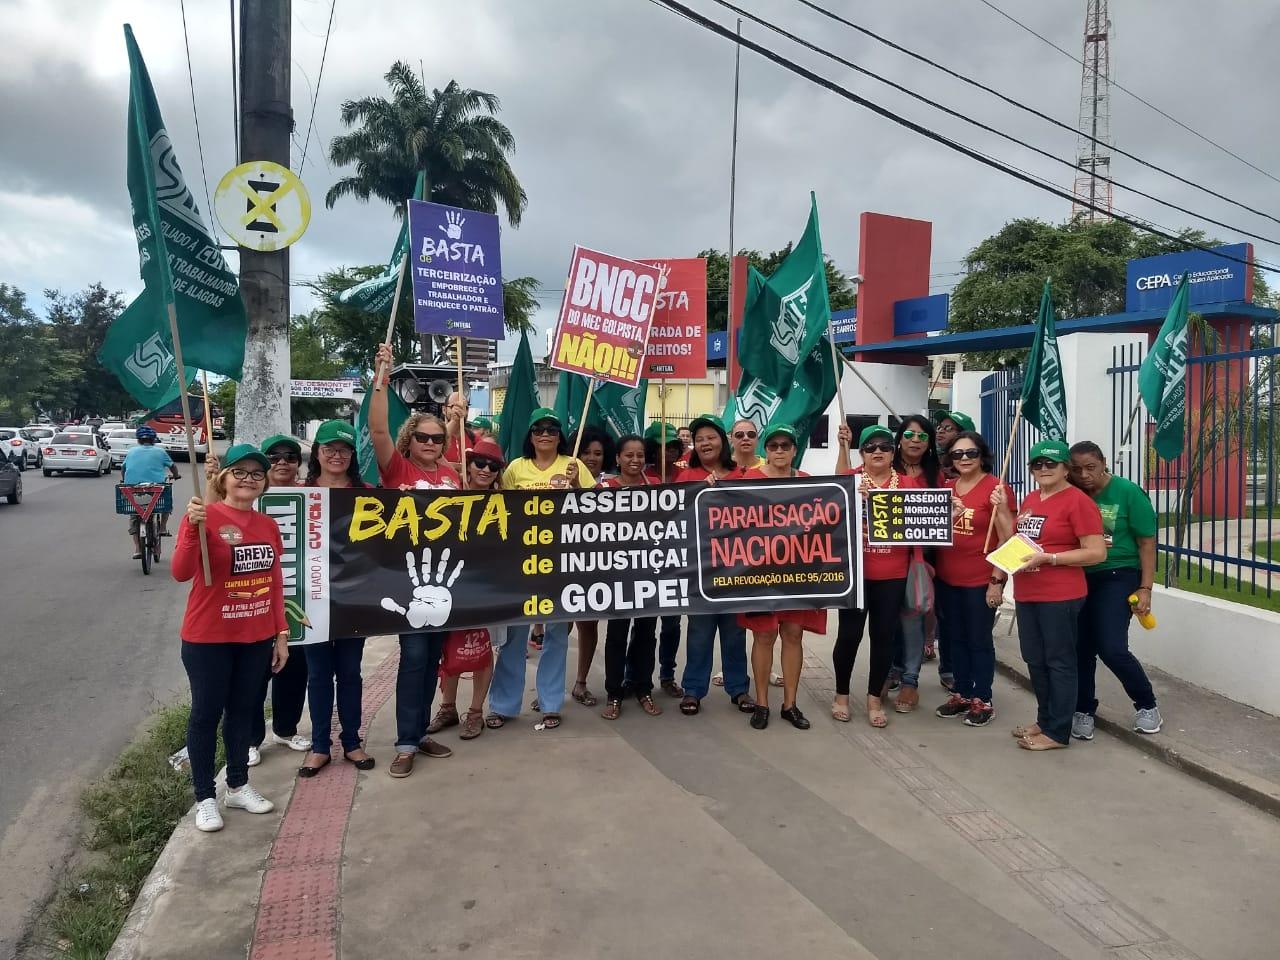 Protestantes vão seguir em passeata até o Centro